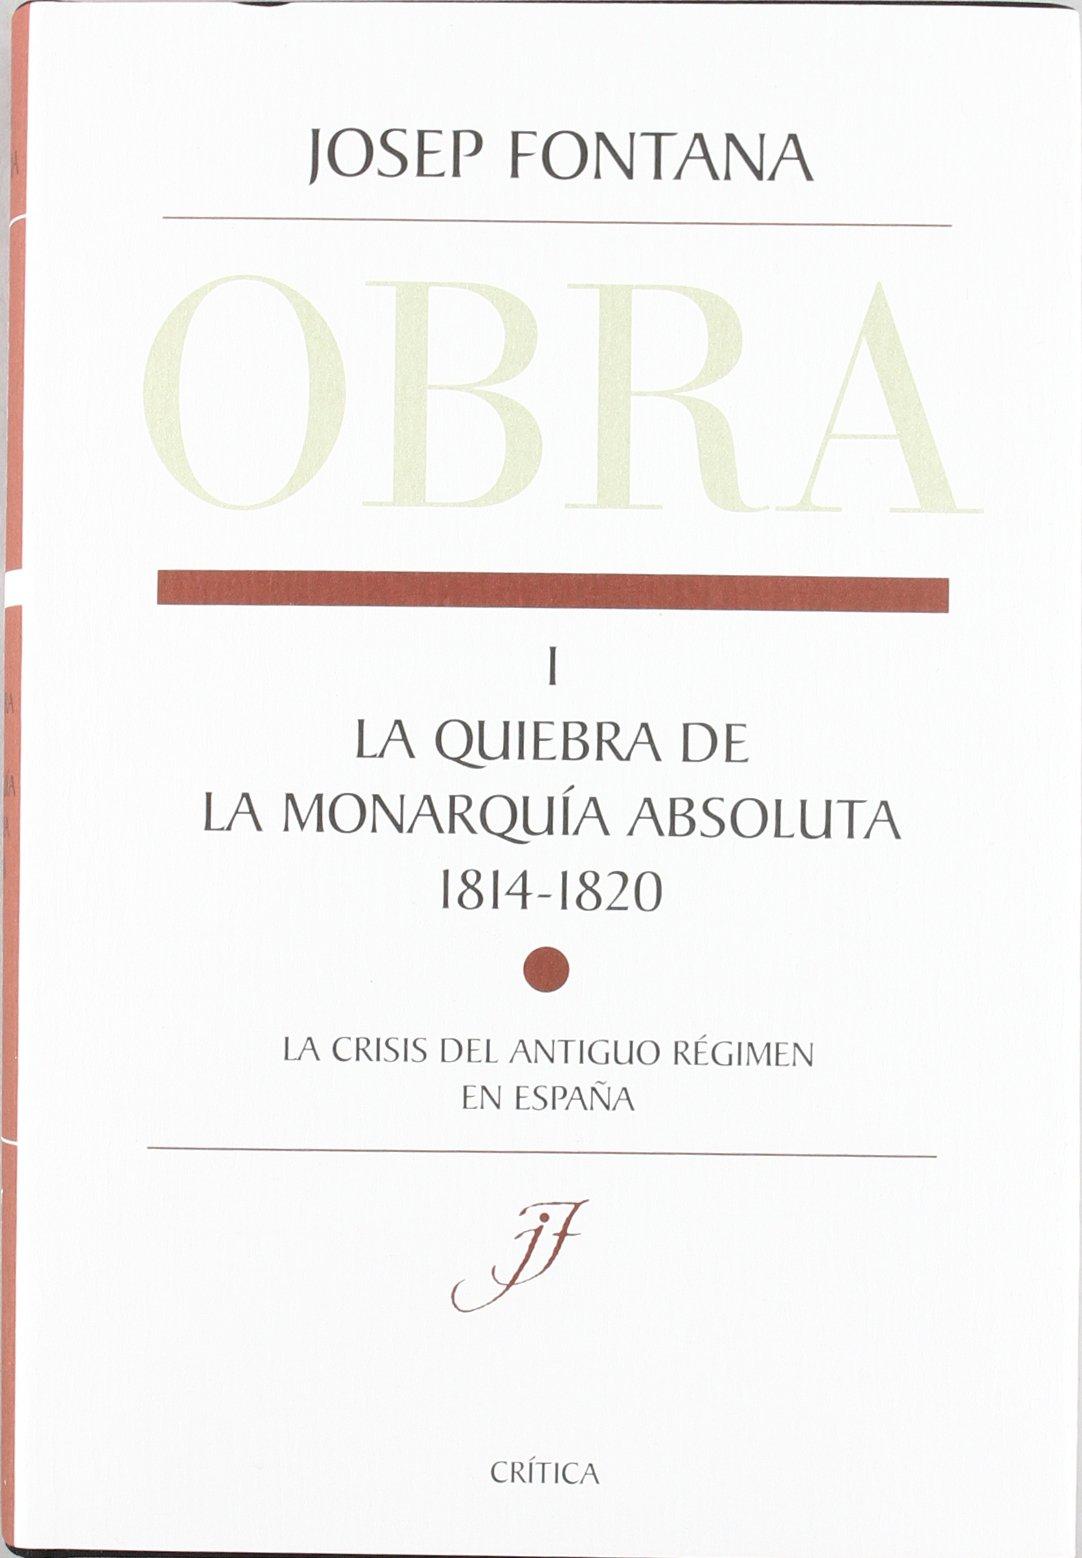 La quiebra de la monarquía absoluta 1814-1820 : Edición profundamente anotada y revisada por su autor Fuera de Colección: Amazon.es: Fontana, Josep: Libros